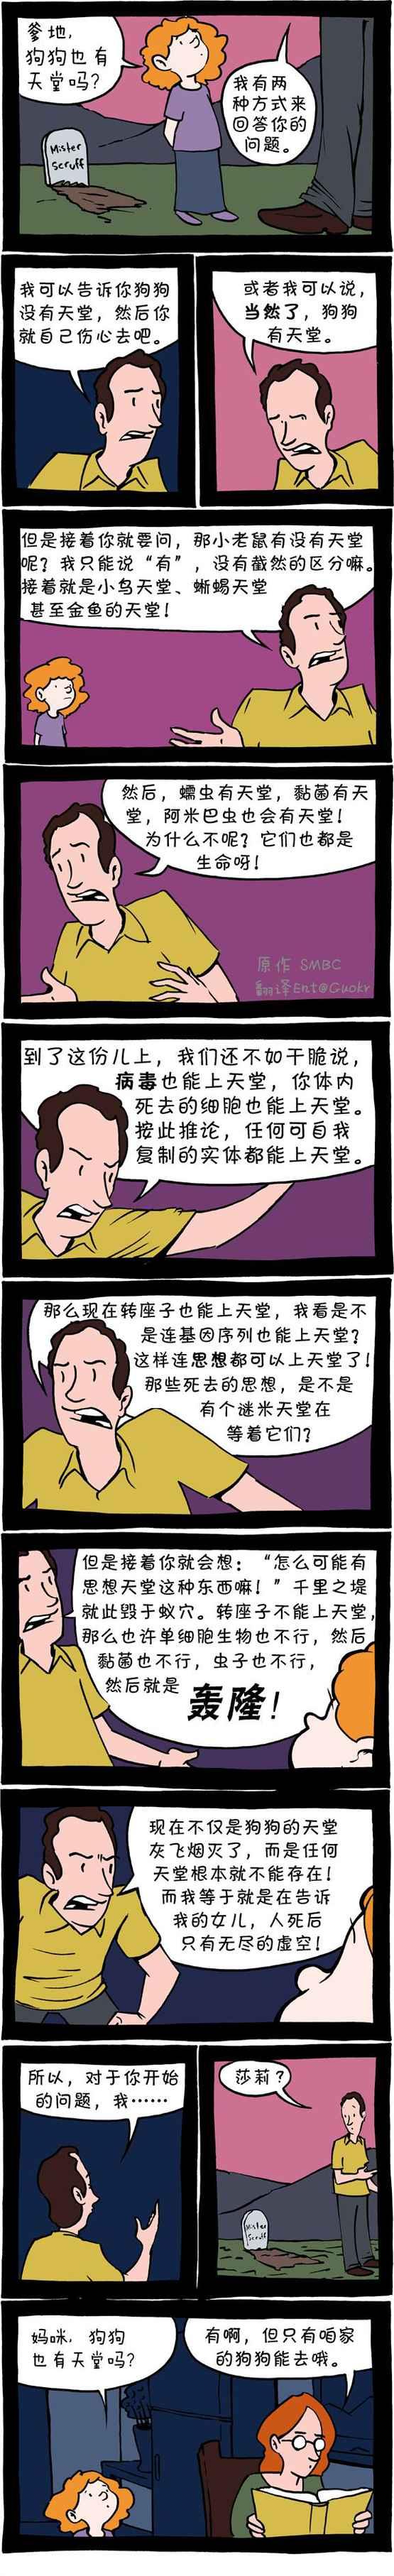 爸爸和妈妈的区别。。。